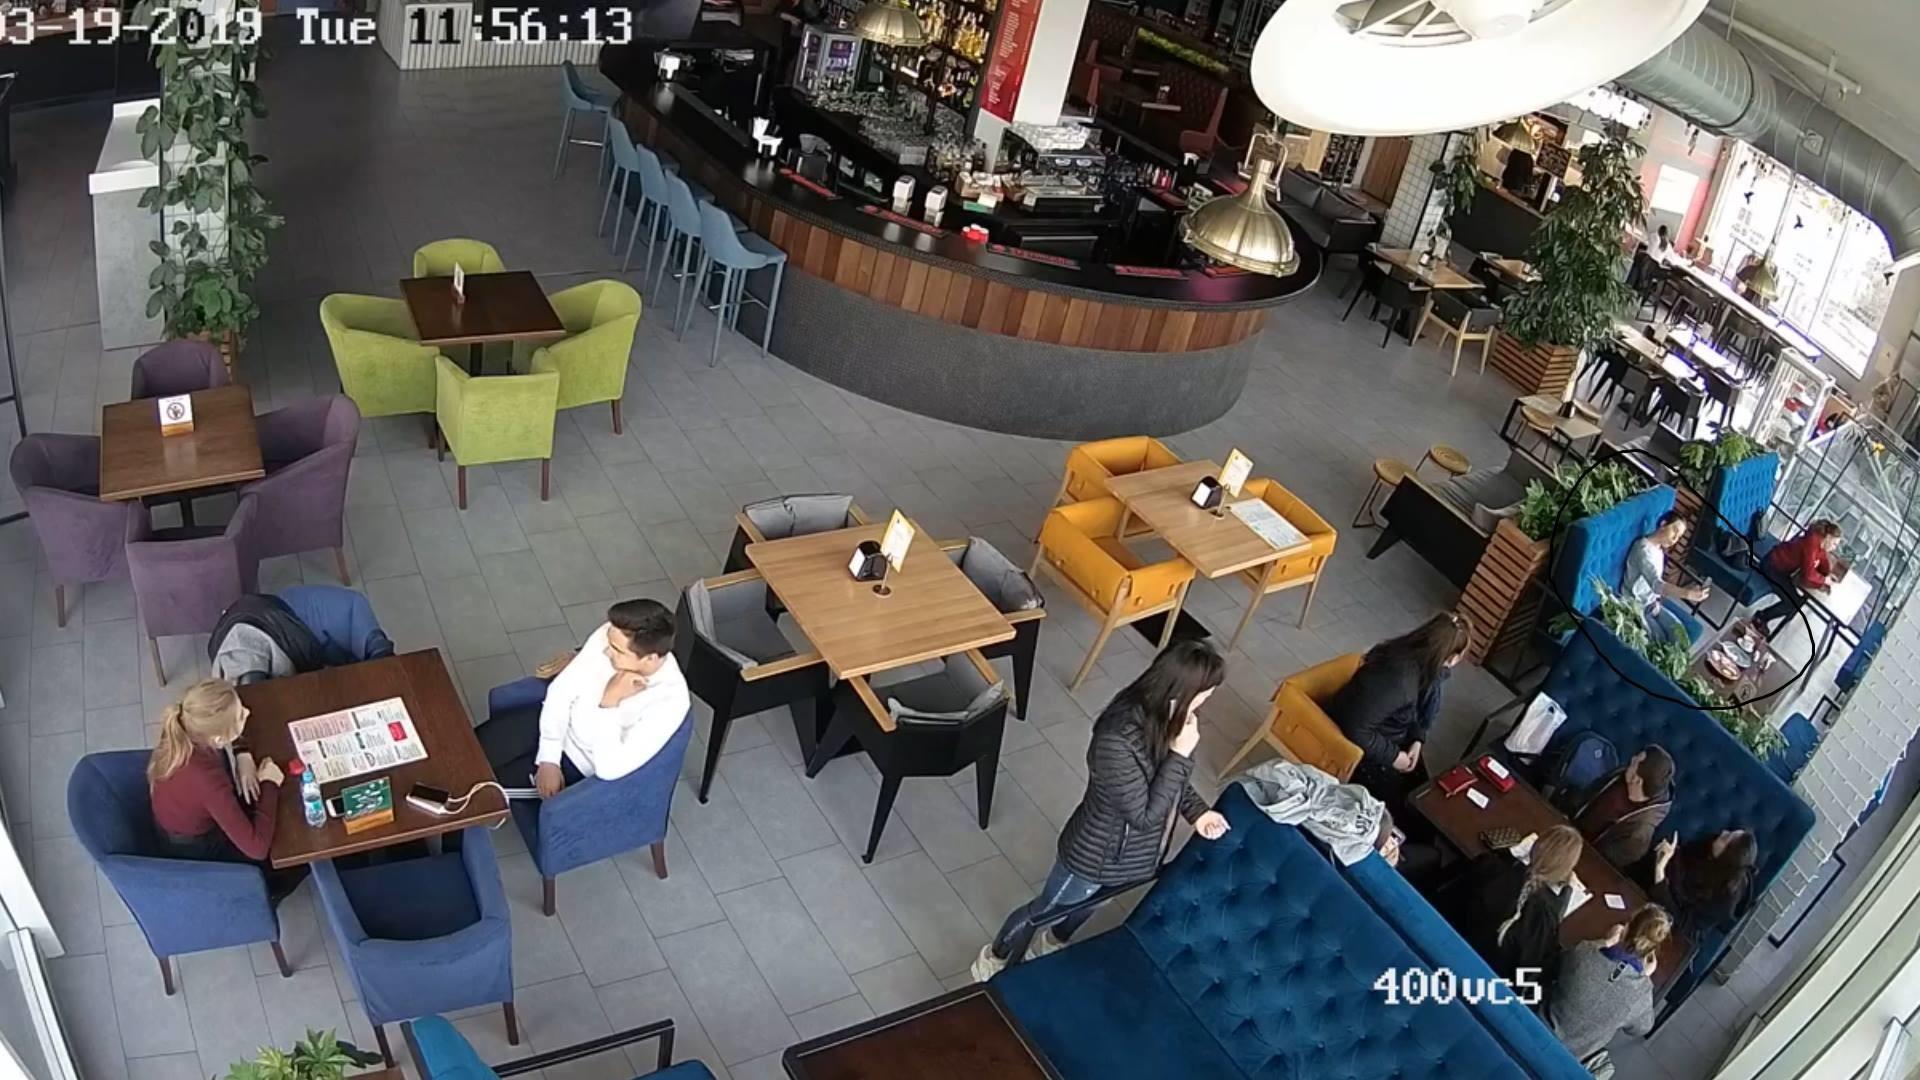 У Луцьку просять упізнати дівчину, яка присвоїла забутий телефон. ВІДЕО